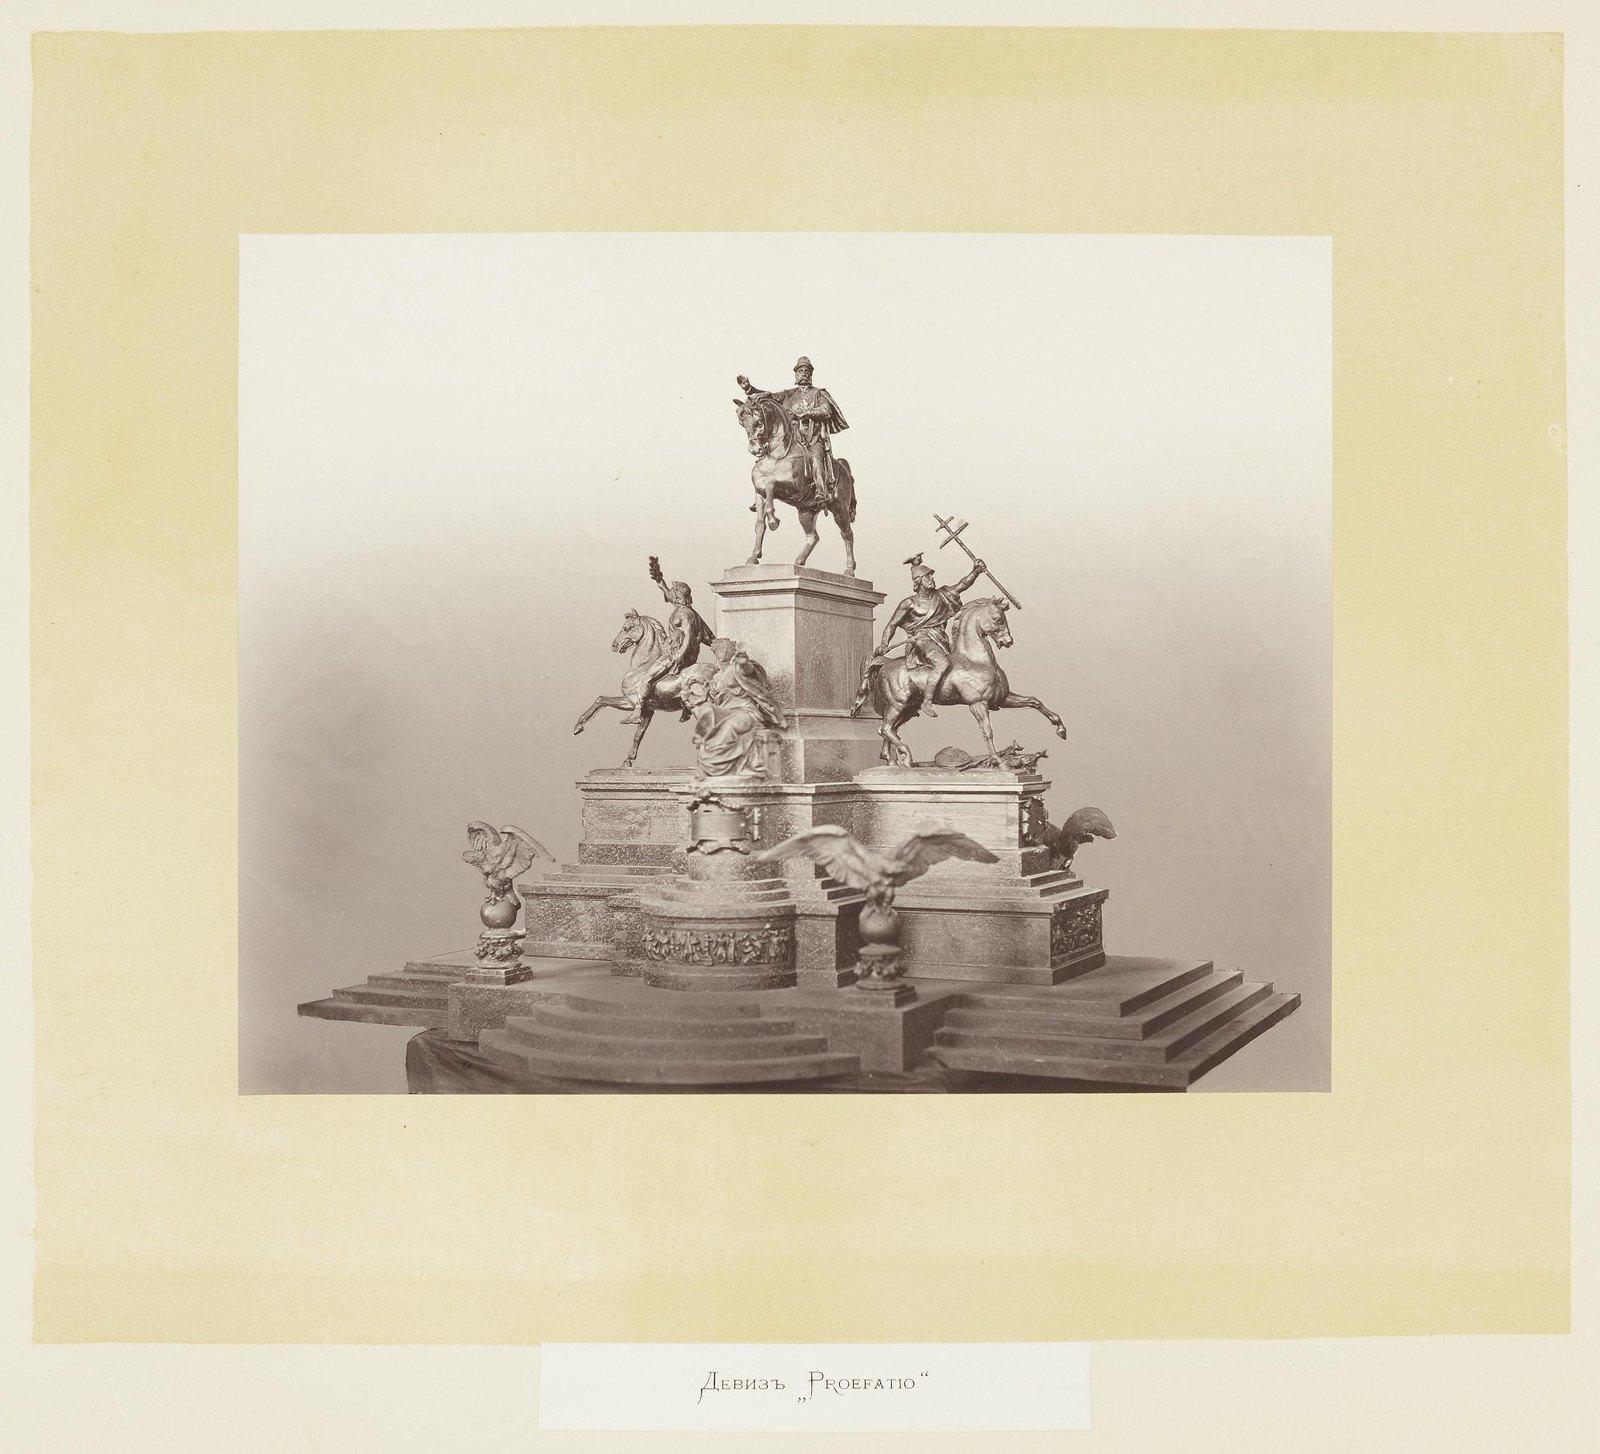 1882. Конкурсный проект памятника императору Александру II в Московском Кремле под девизом «Proefatio». Первый конкурс